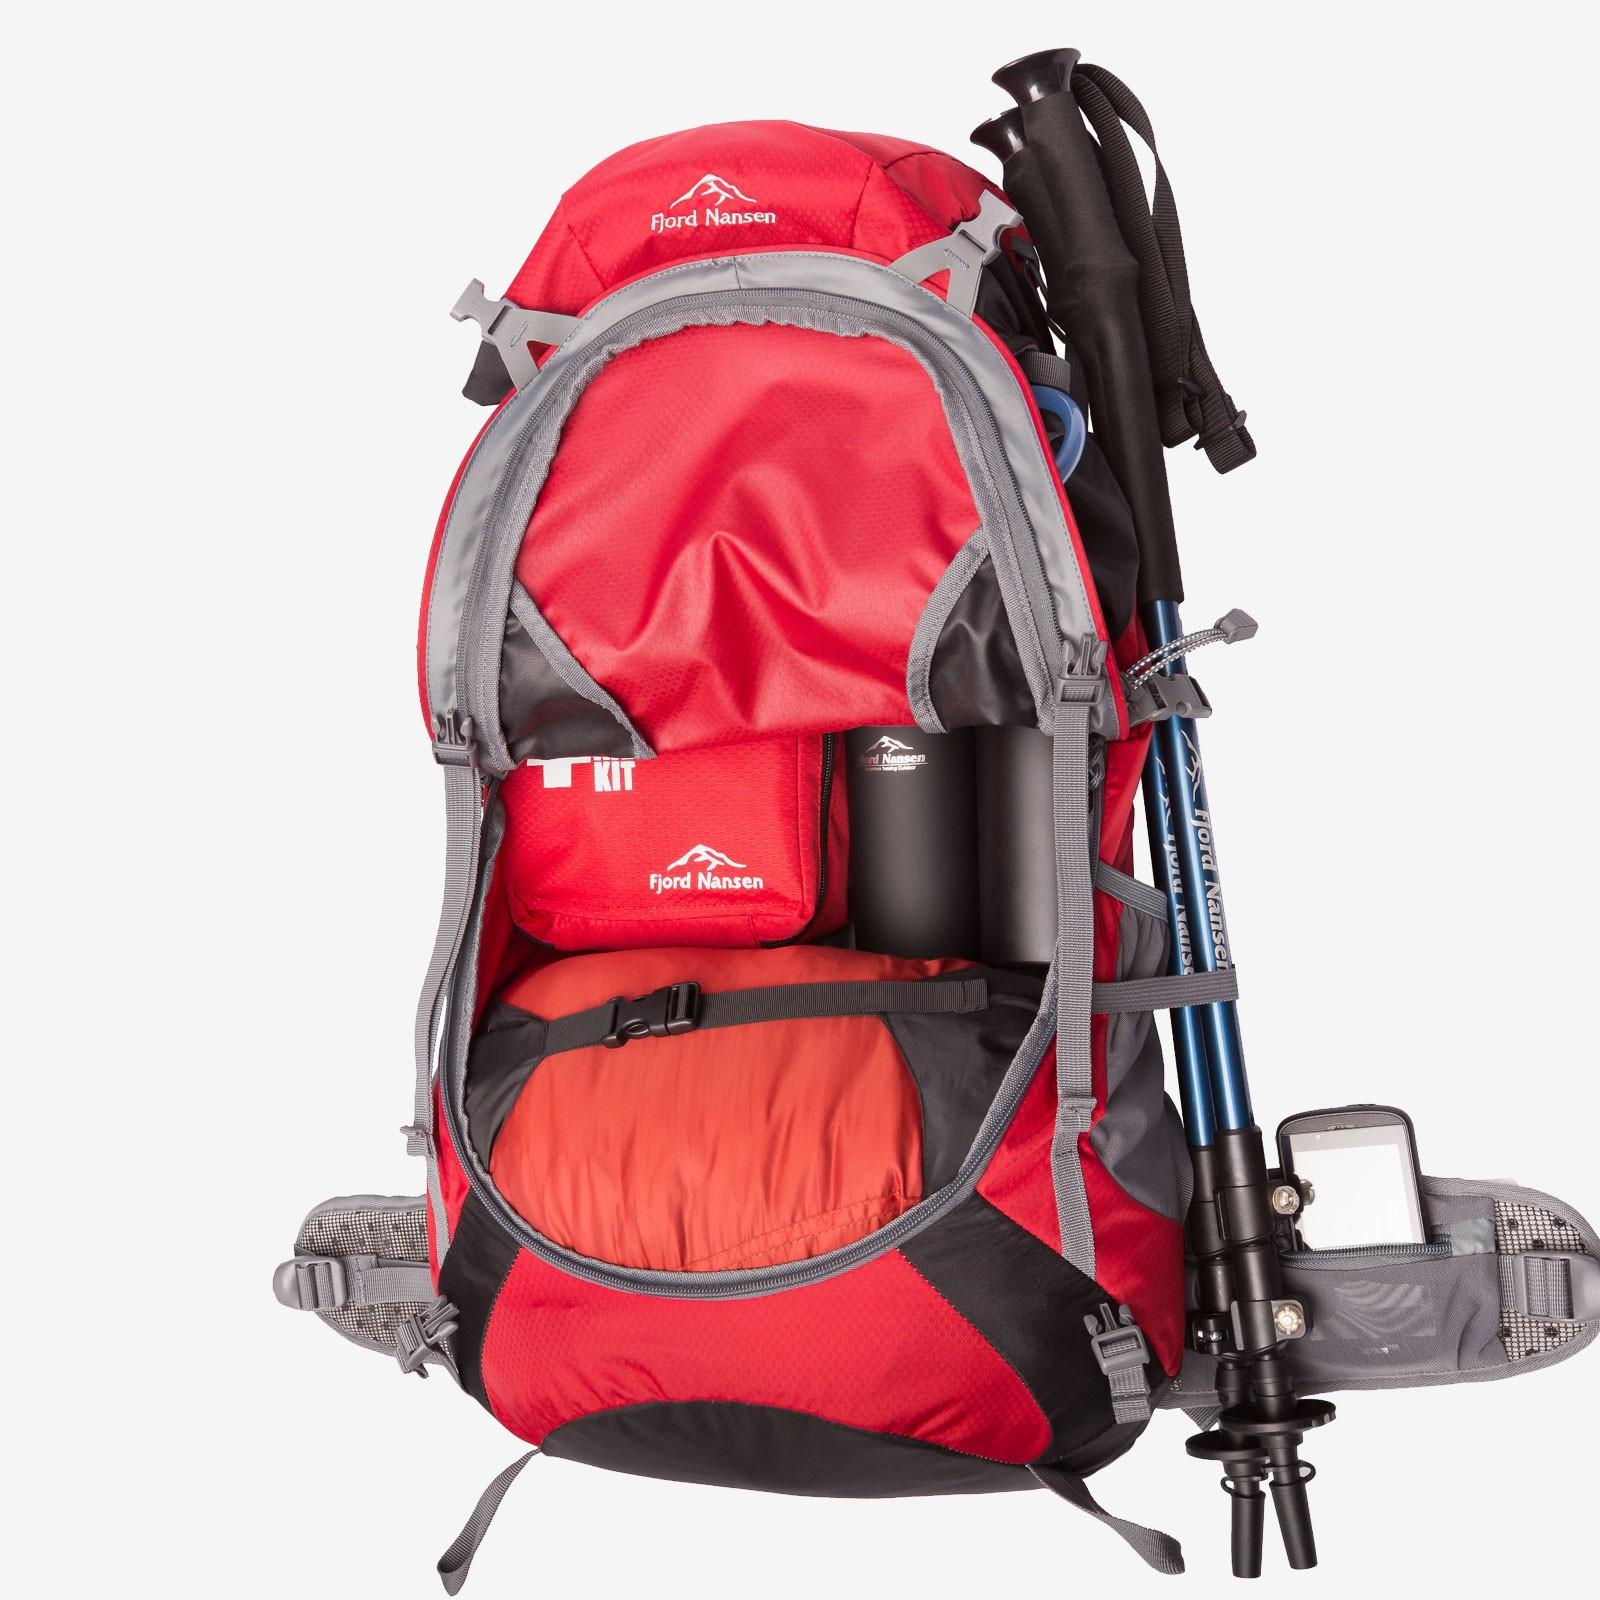 ffbc66bf31777 Plecak BODO 32 red/black - Paker - Tylko Sprawdzony Sprzęt Turystyczny